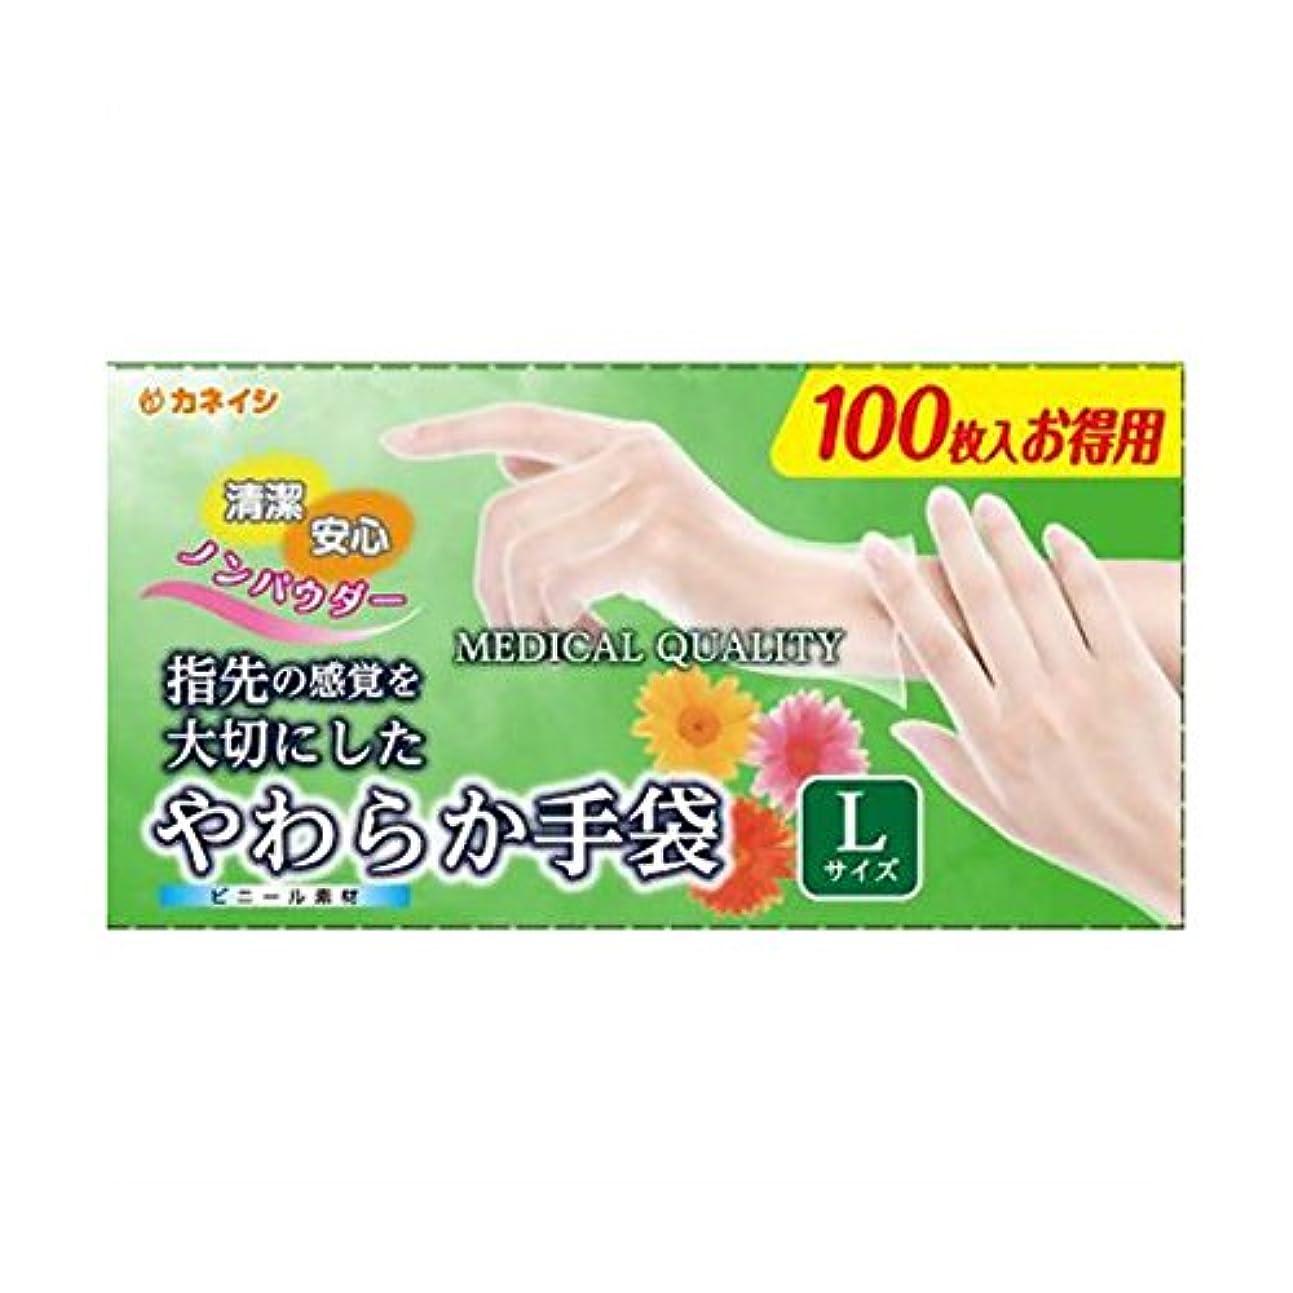 軽く概して高くやわらか手袋 ビニール素材 Lサイズ 100枚入x4